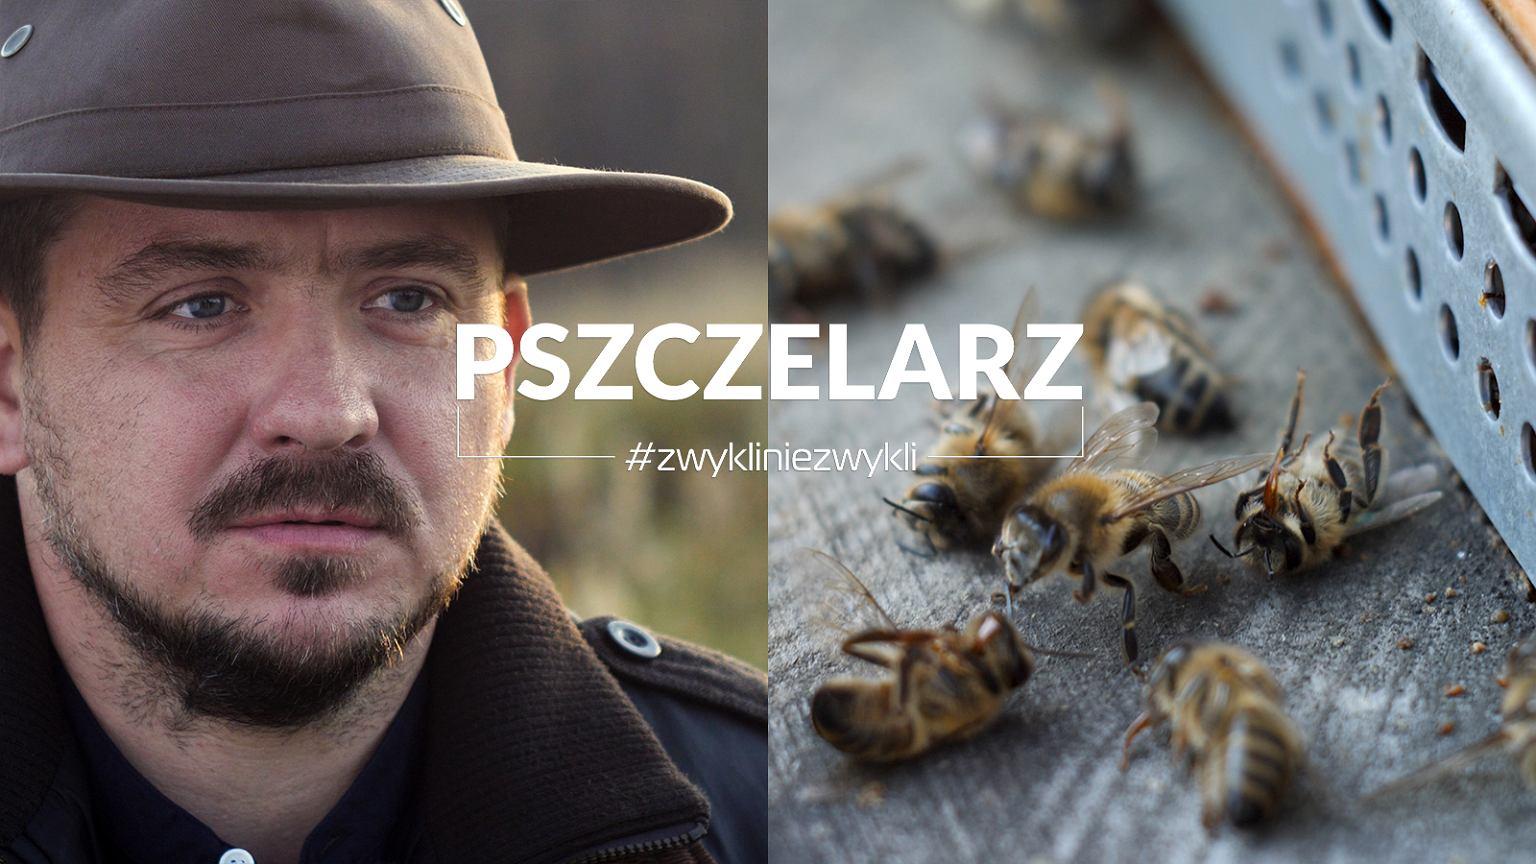 Rafał Szela, pszczelarz, który stracił 2,5 miliona pszczół - ktoś je zatruł / #zwykliniezwykli